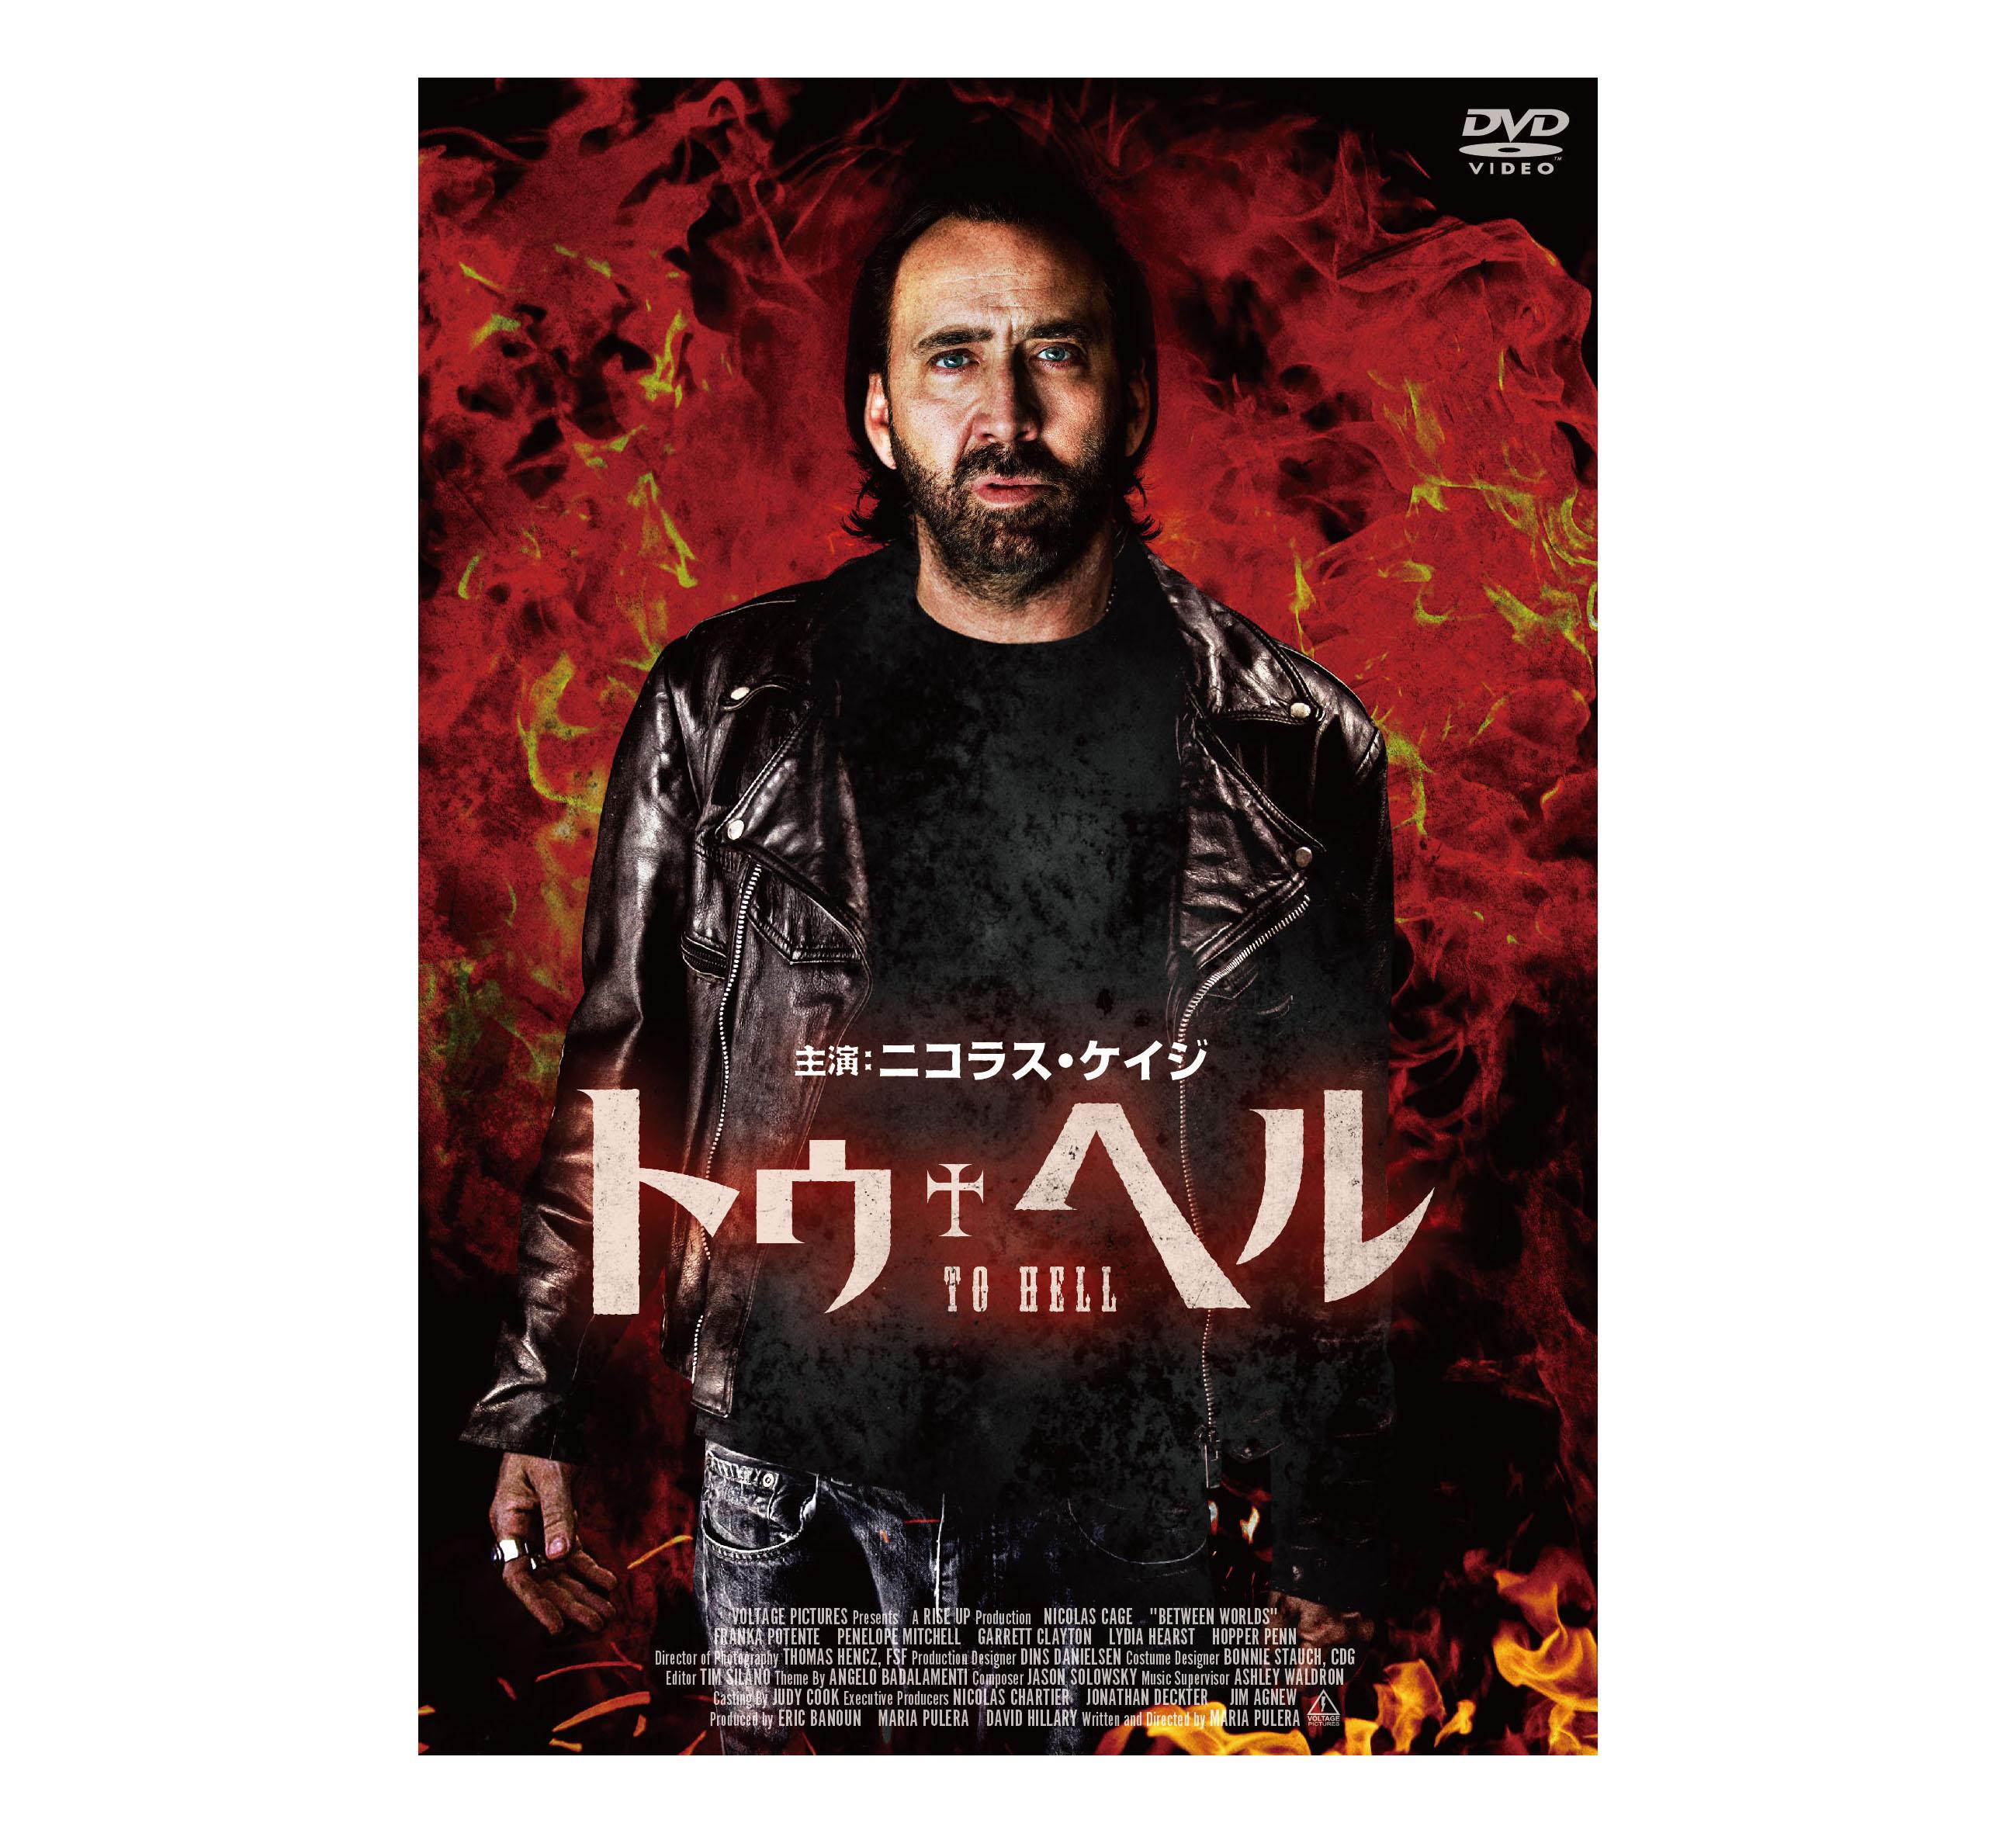 【トゥ・ヘル】DVD発売決定!